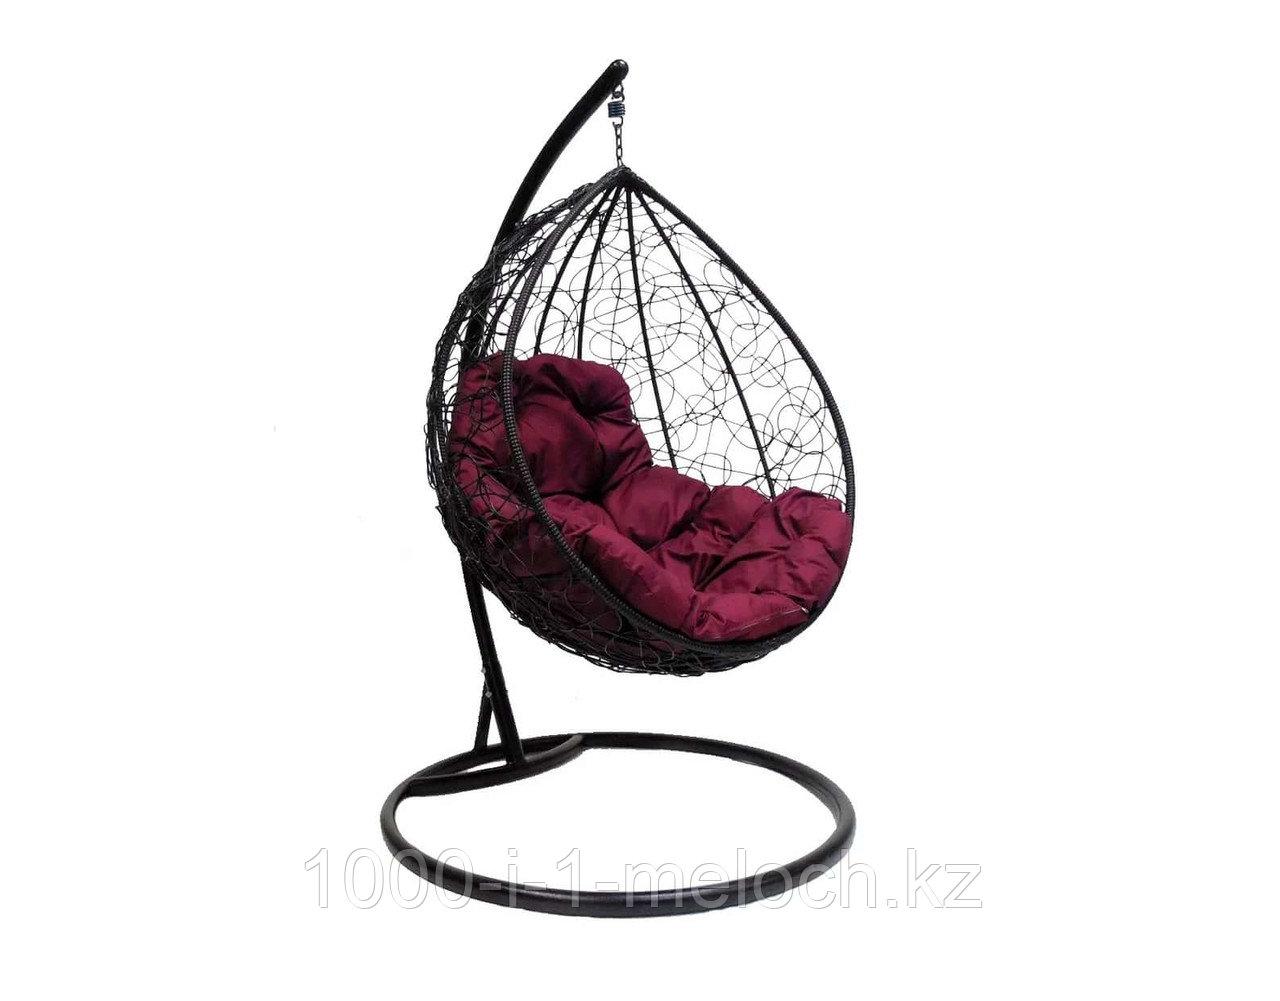 Кресло качели «кокон» гнездо. Алматы - фото 4